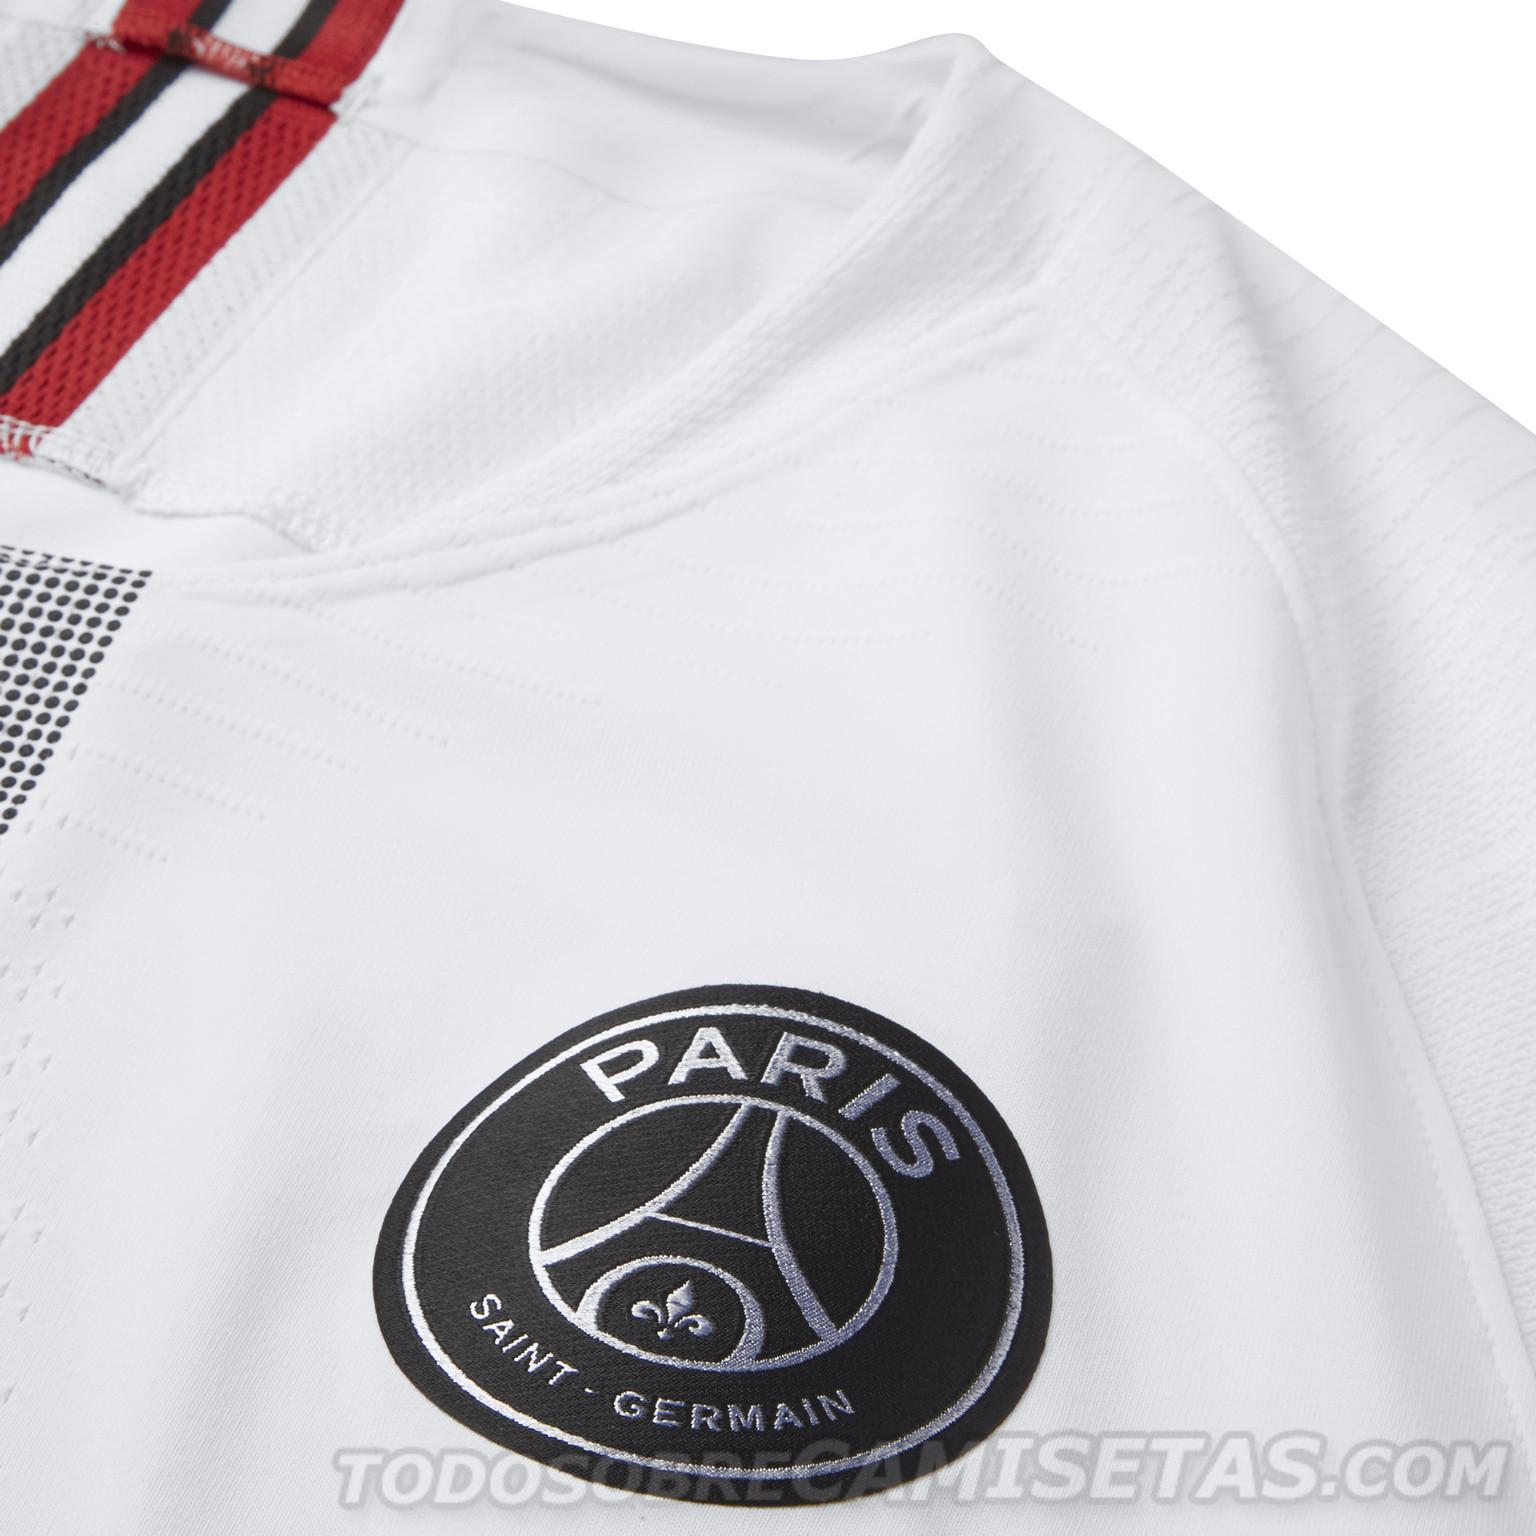 اشك به طوال الوقت مولد كهرباء venta camiseta psg air jordan